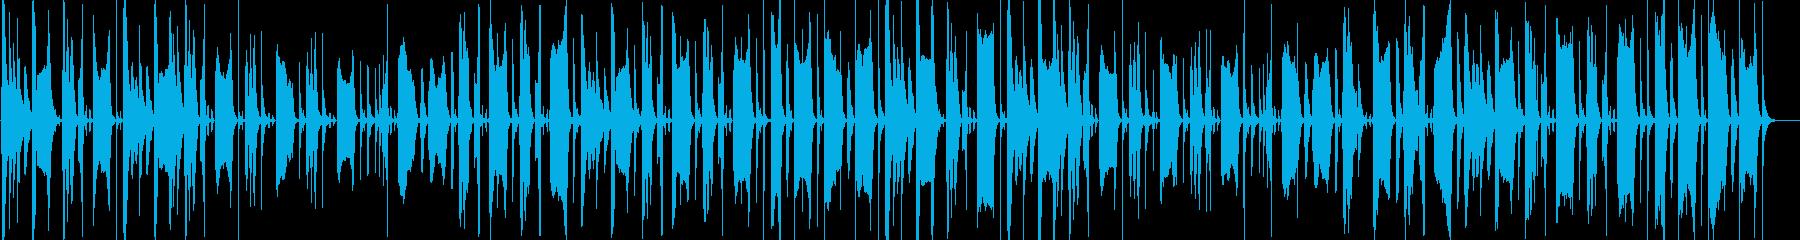 脱力&まぬけな日常会話1/ショートverの再生済みの波形